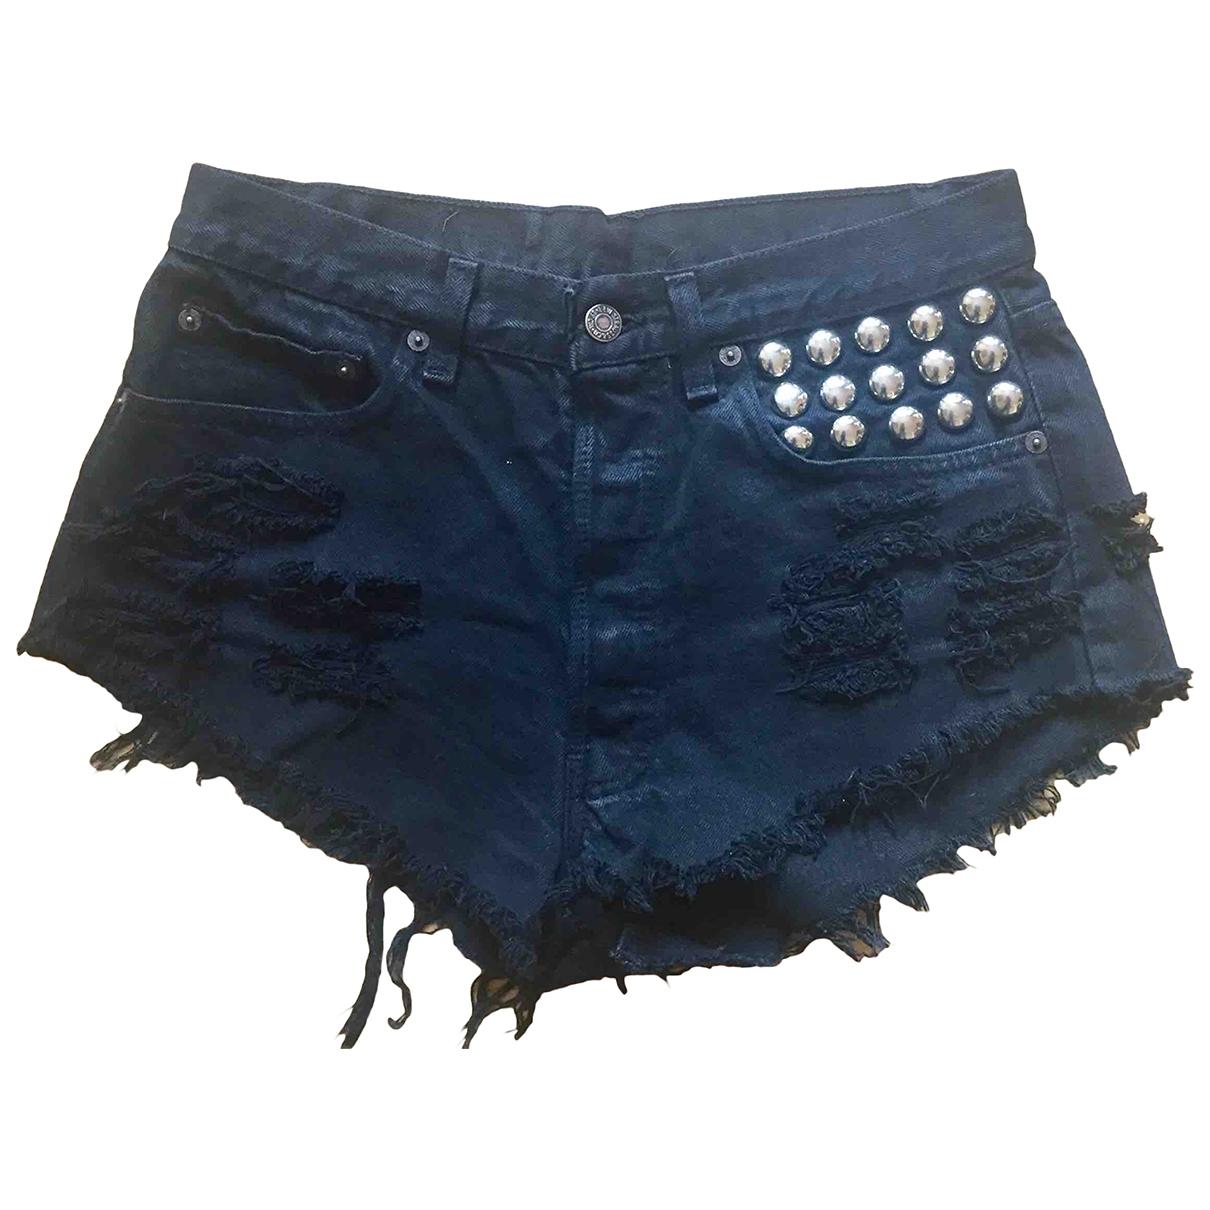 Levi's 501 Black Cotton Jeans for Women 29 US